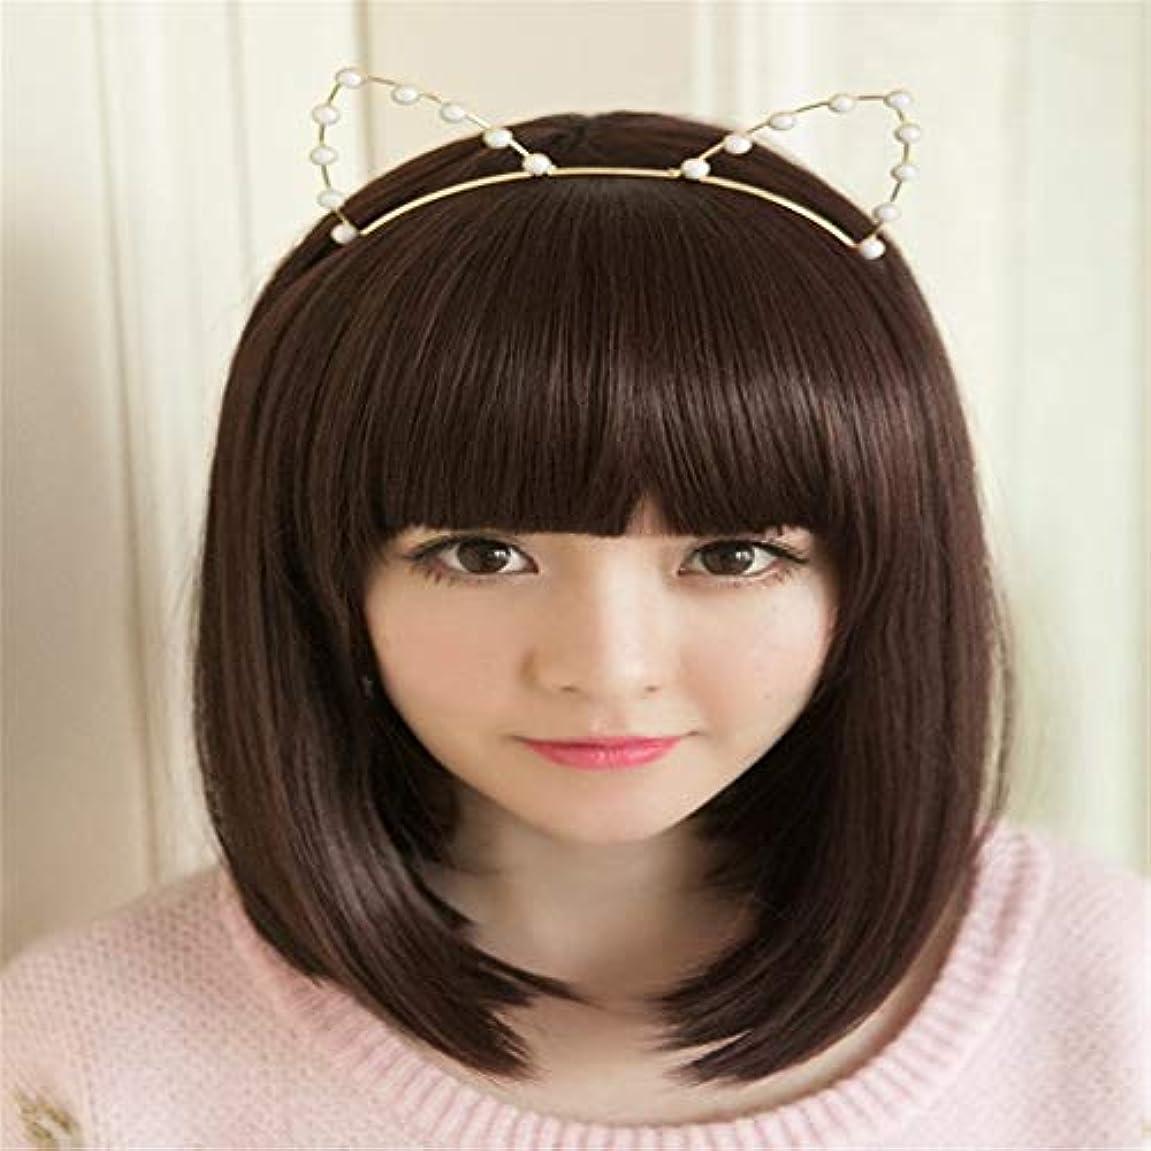 未払い吹きさらしうるさいウィッグの女性の短い髪ボボヘッド短い髪チーLiuhai化学繊維ウィッグセット,2